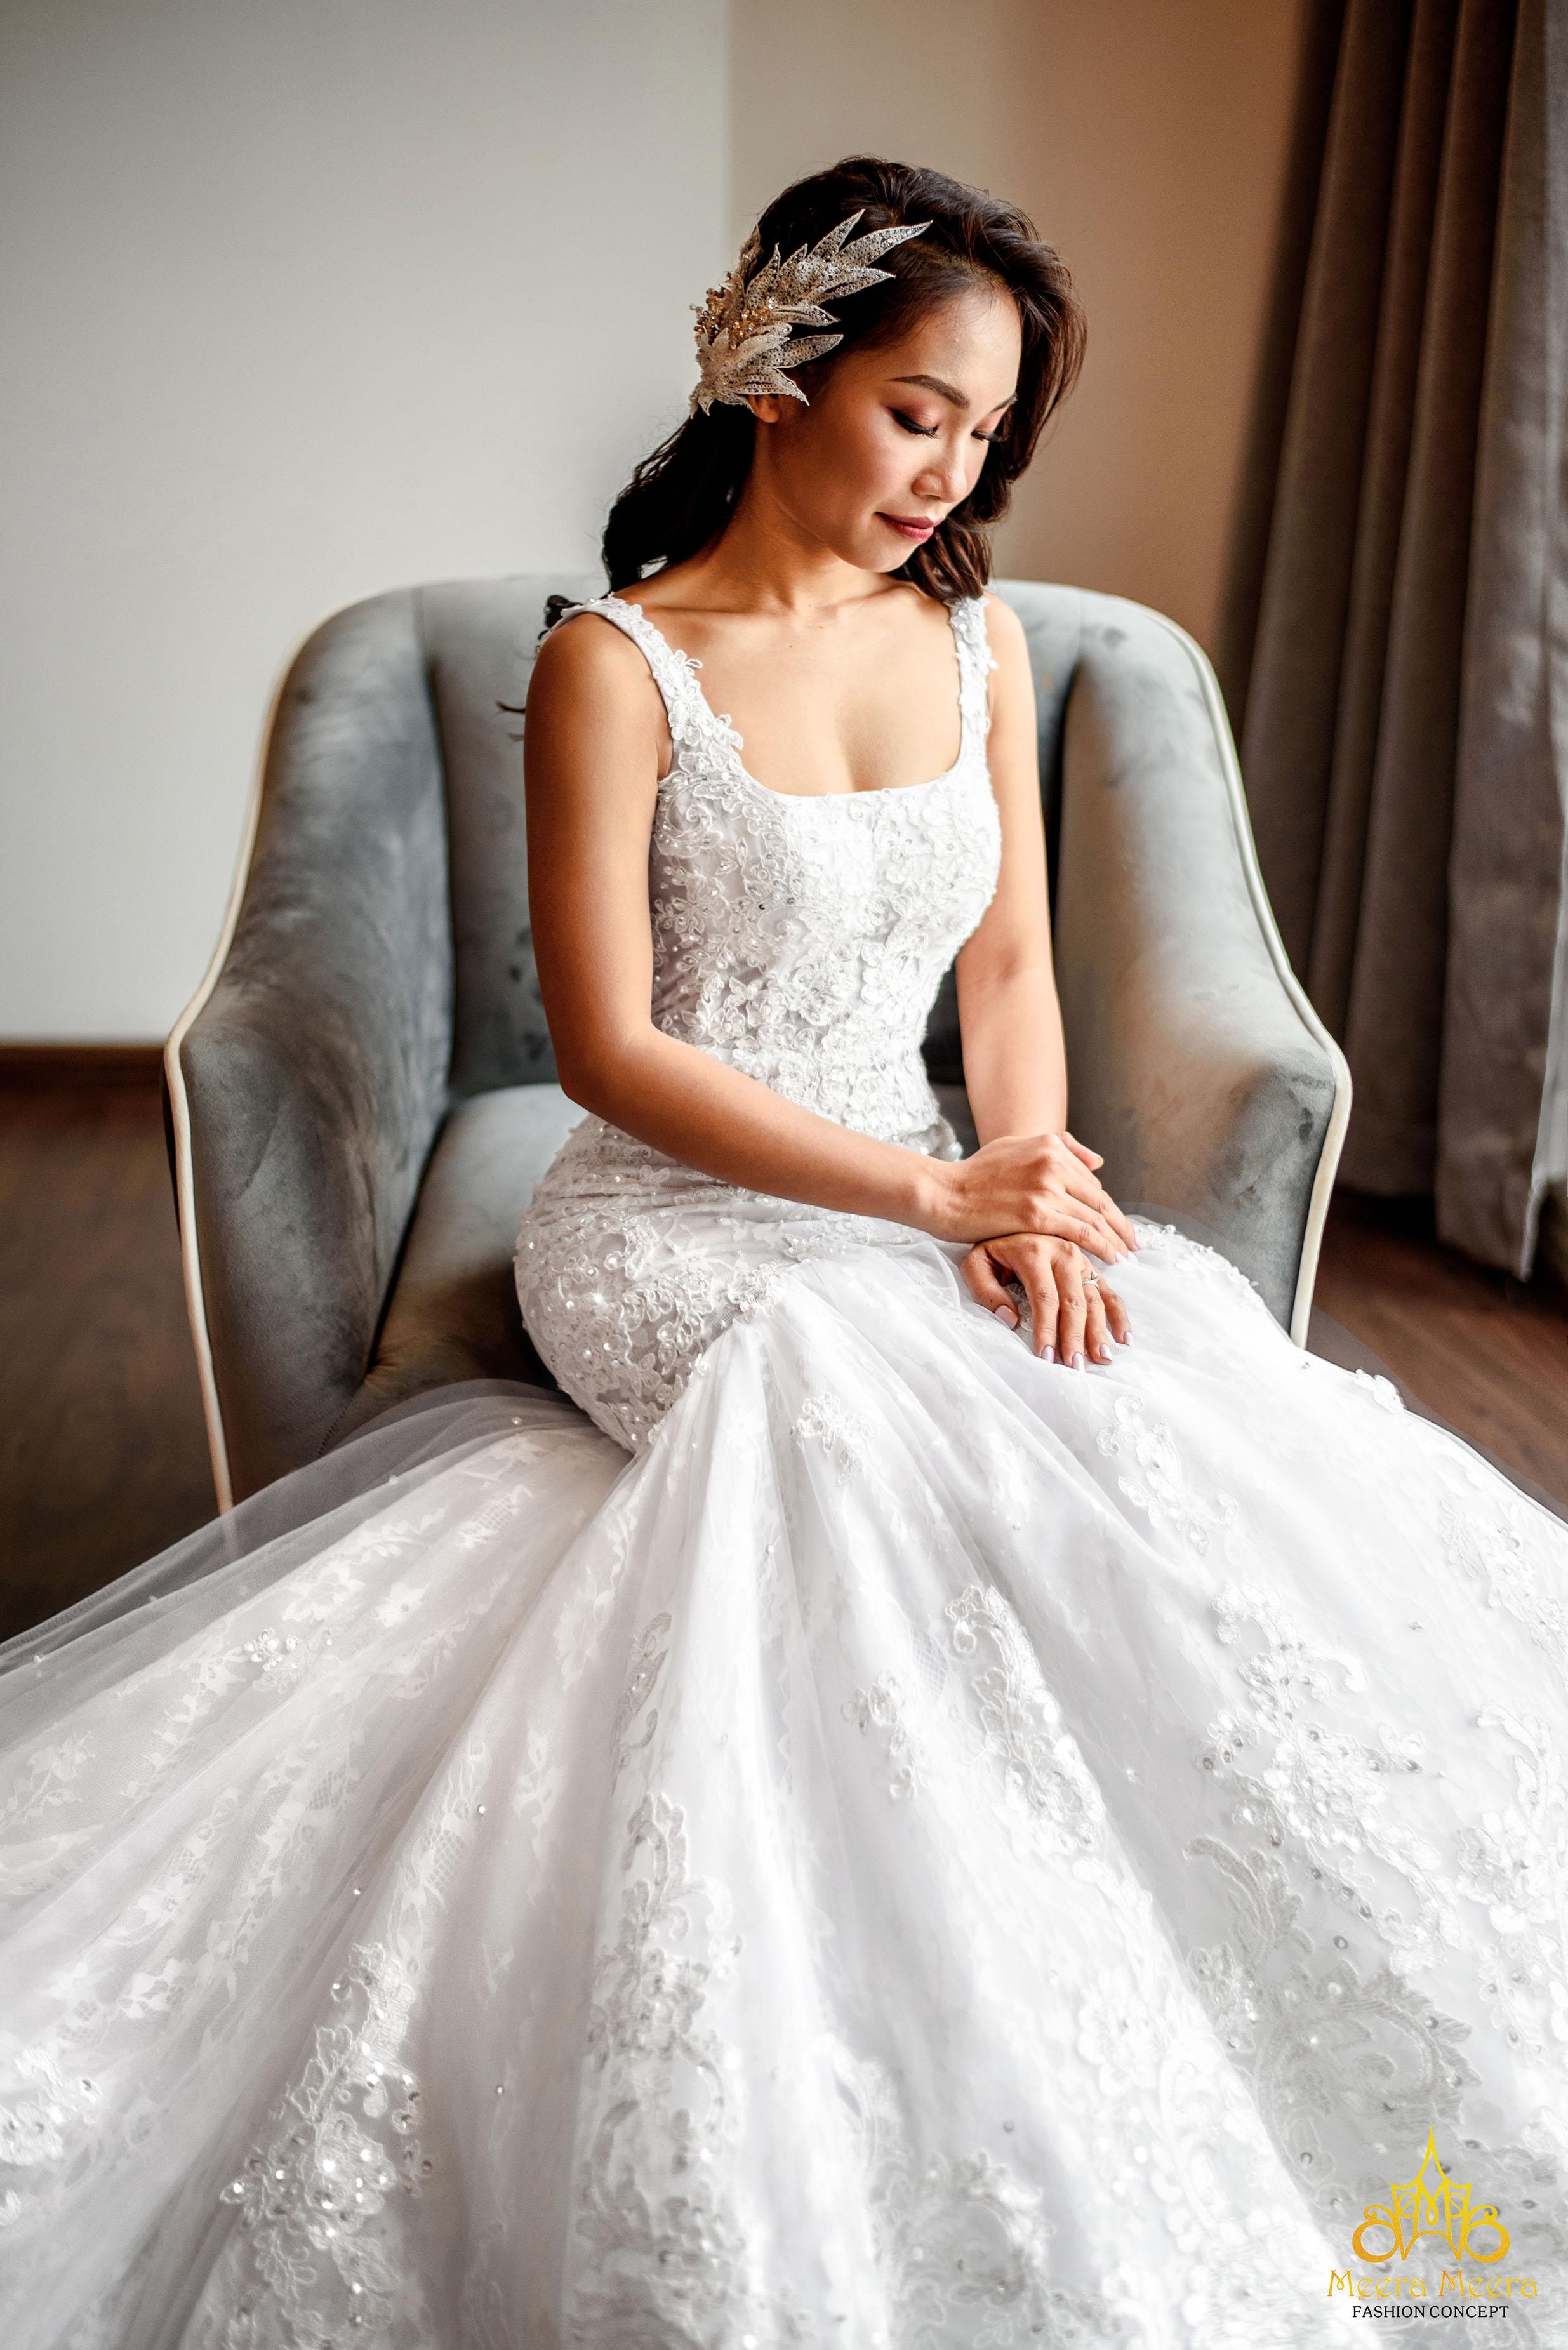 xưởng may áo cưới cao cấp meera meera fashion concept